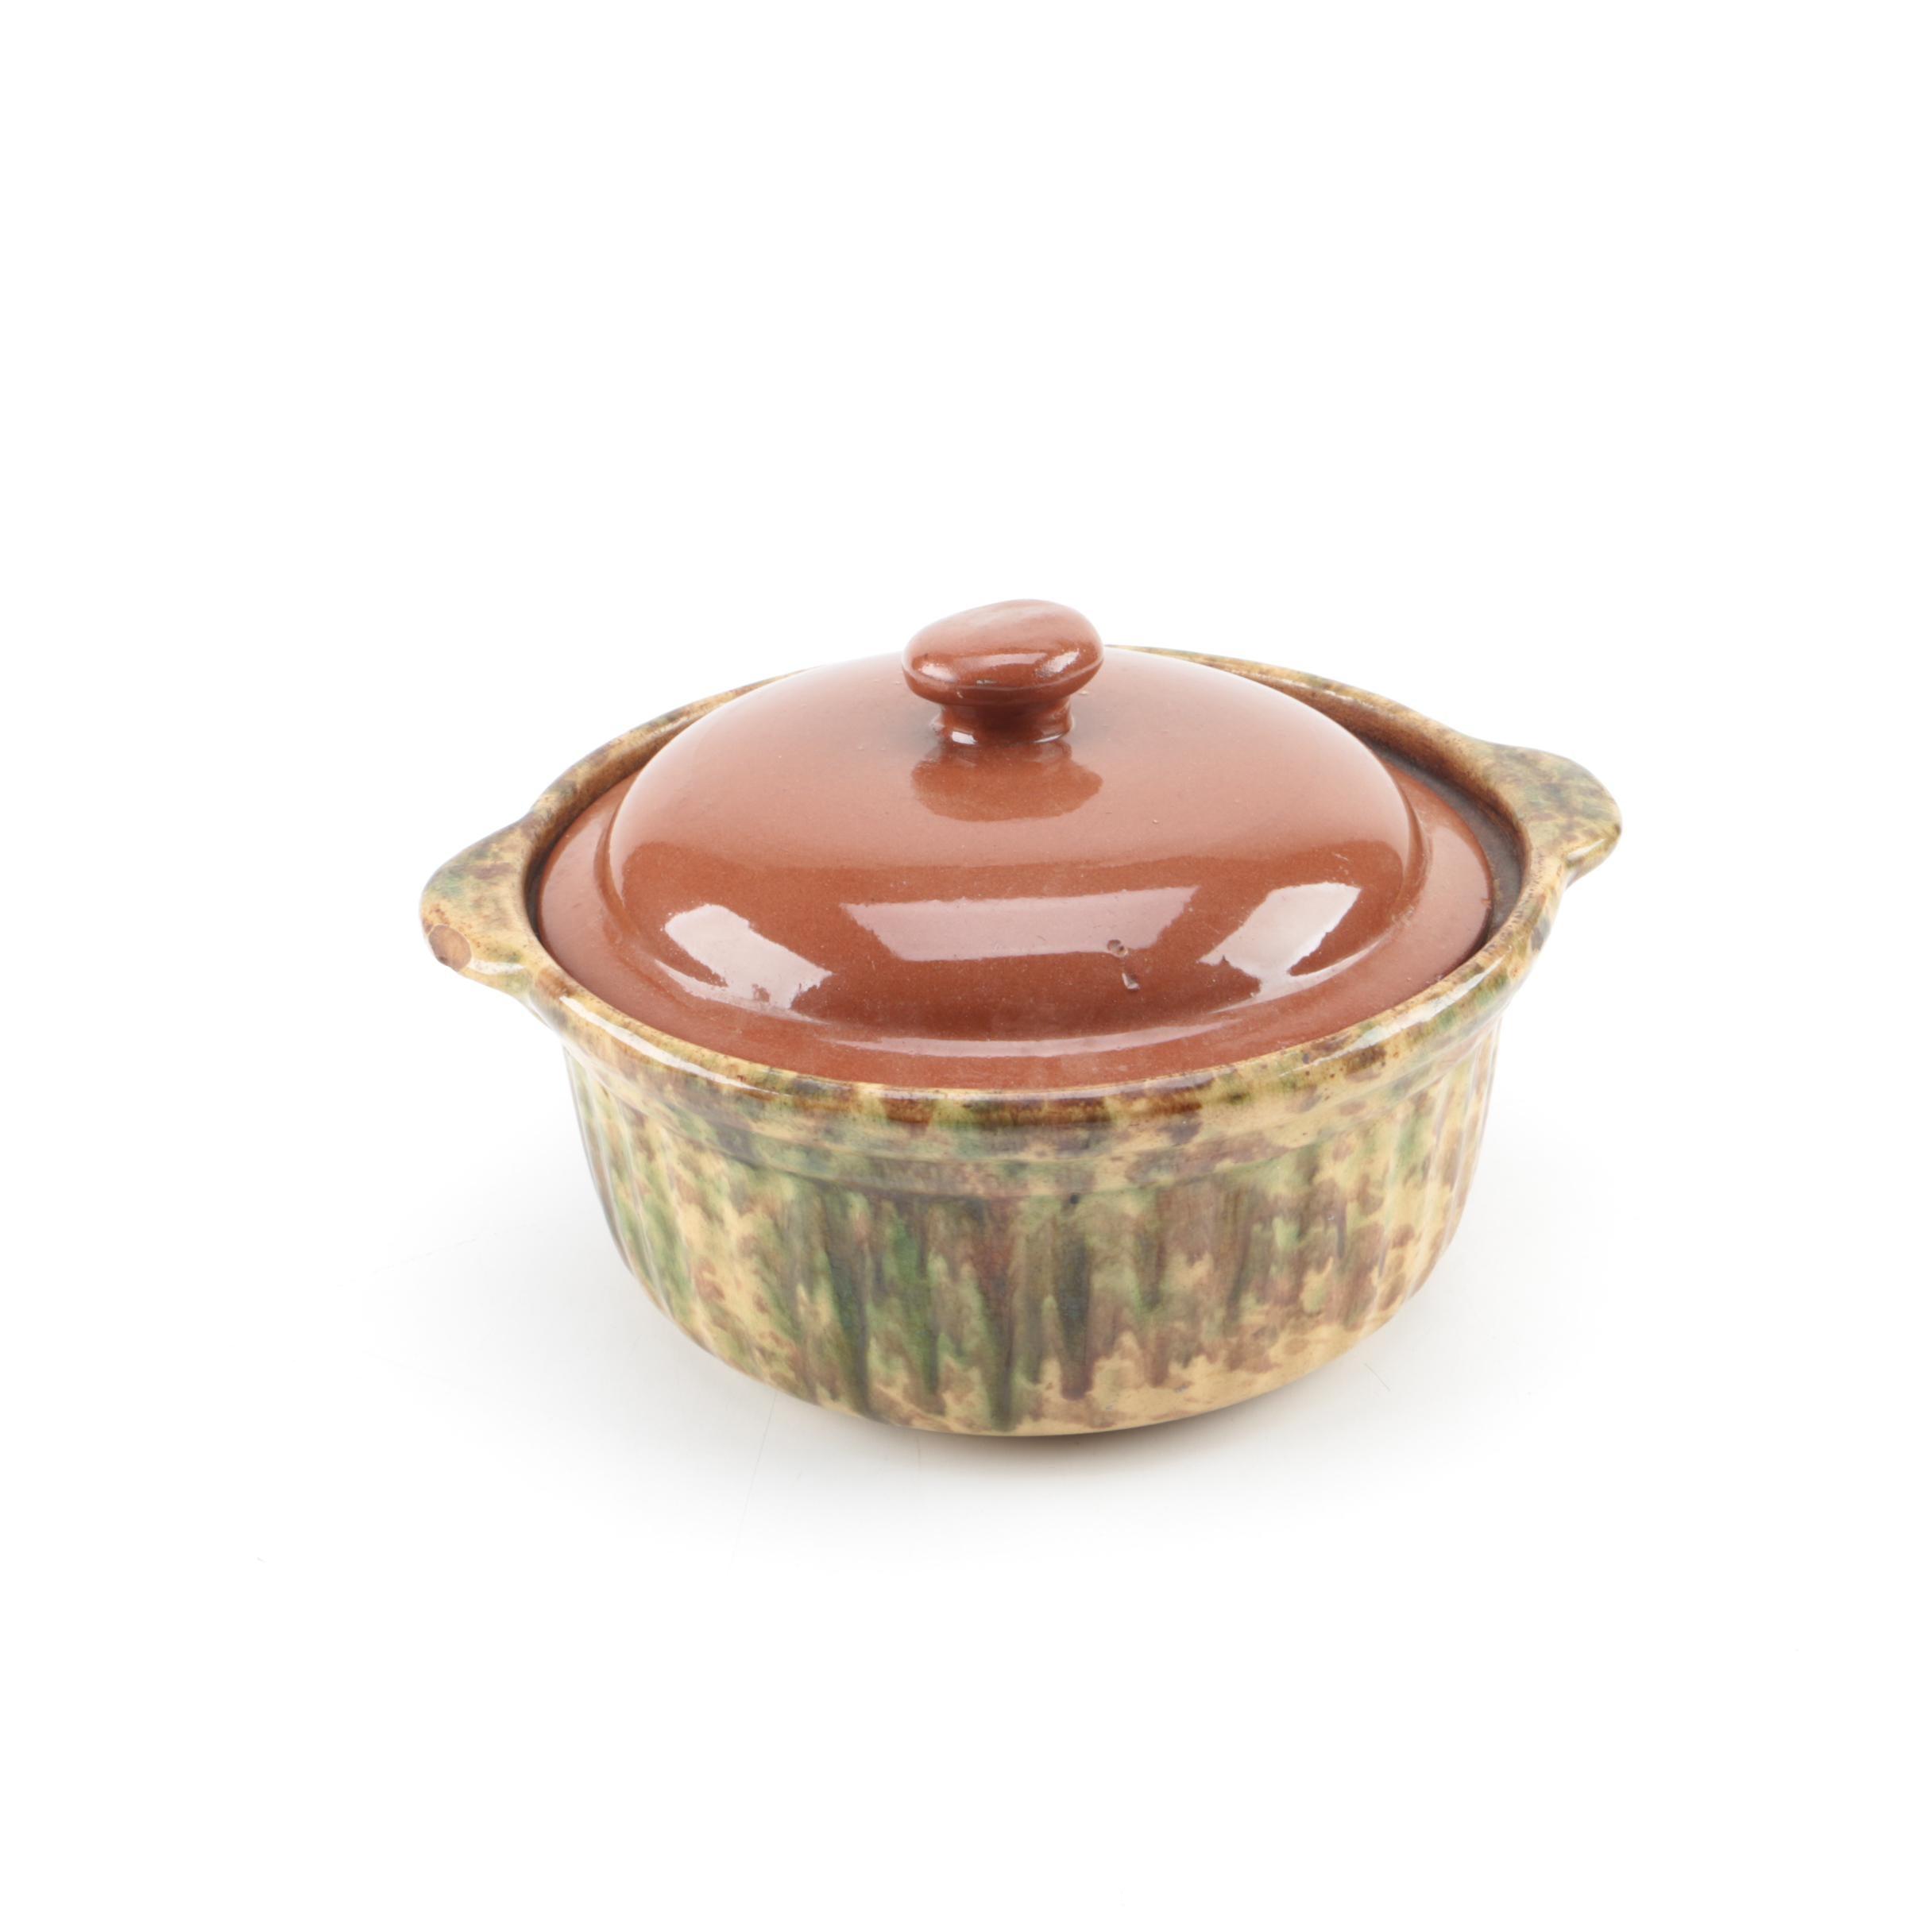 Vintage Stoneware Casserole